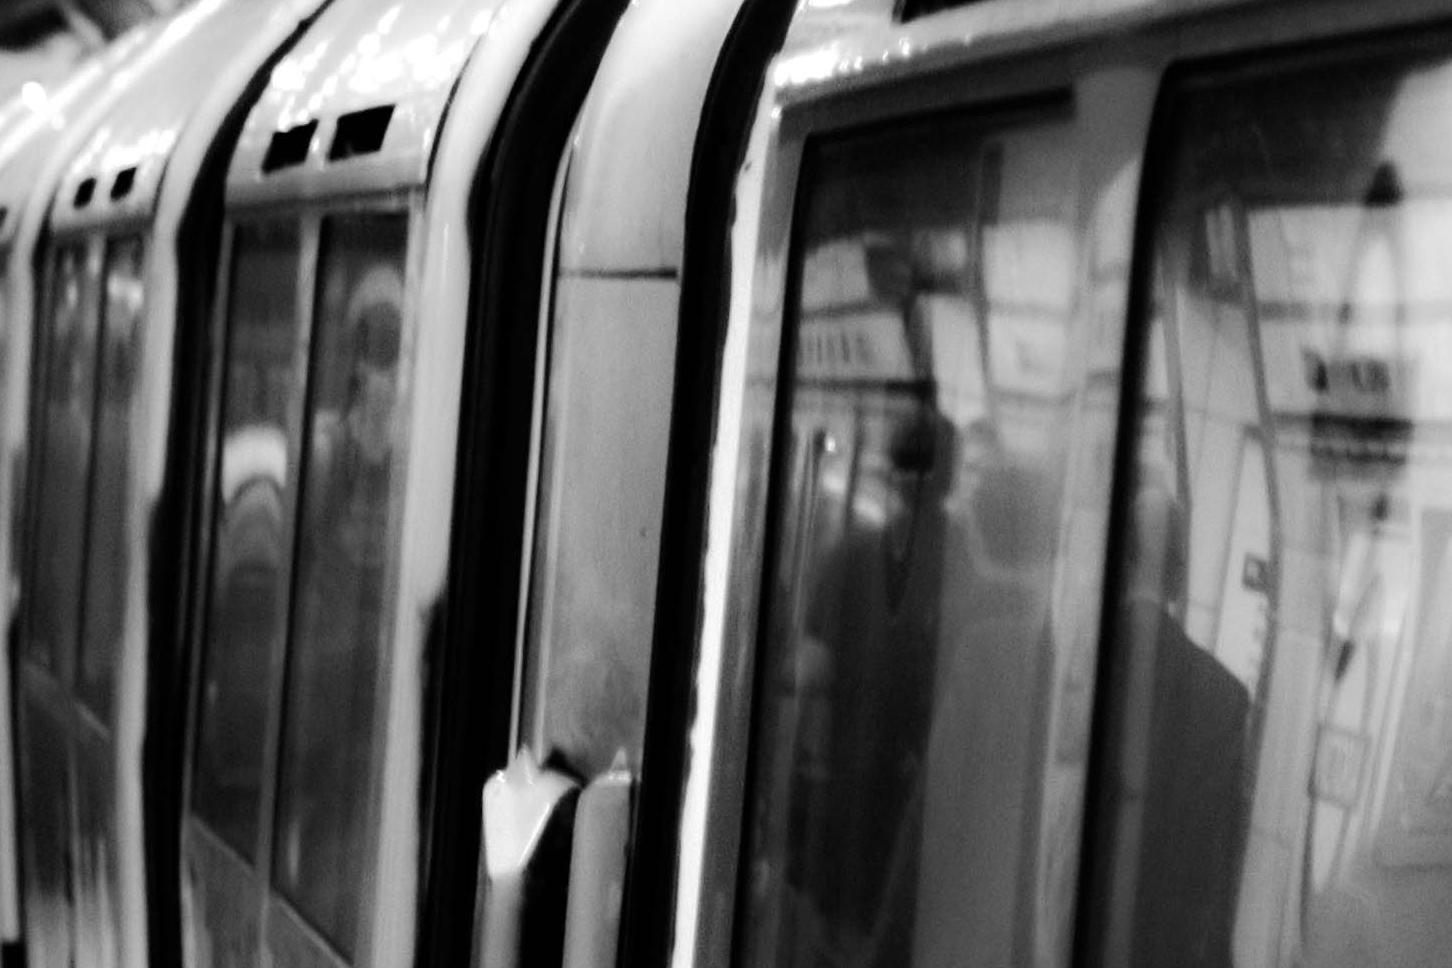 tube-trained_8292678075_o.jpg